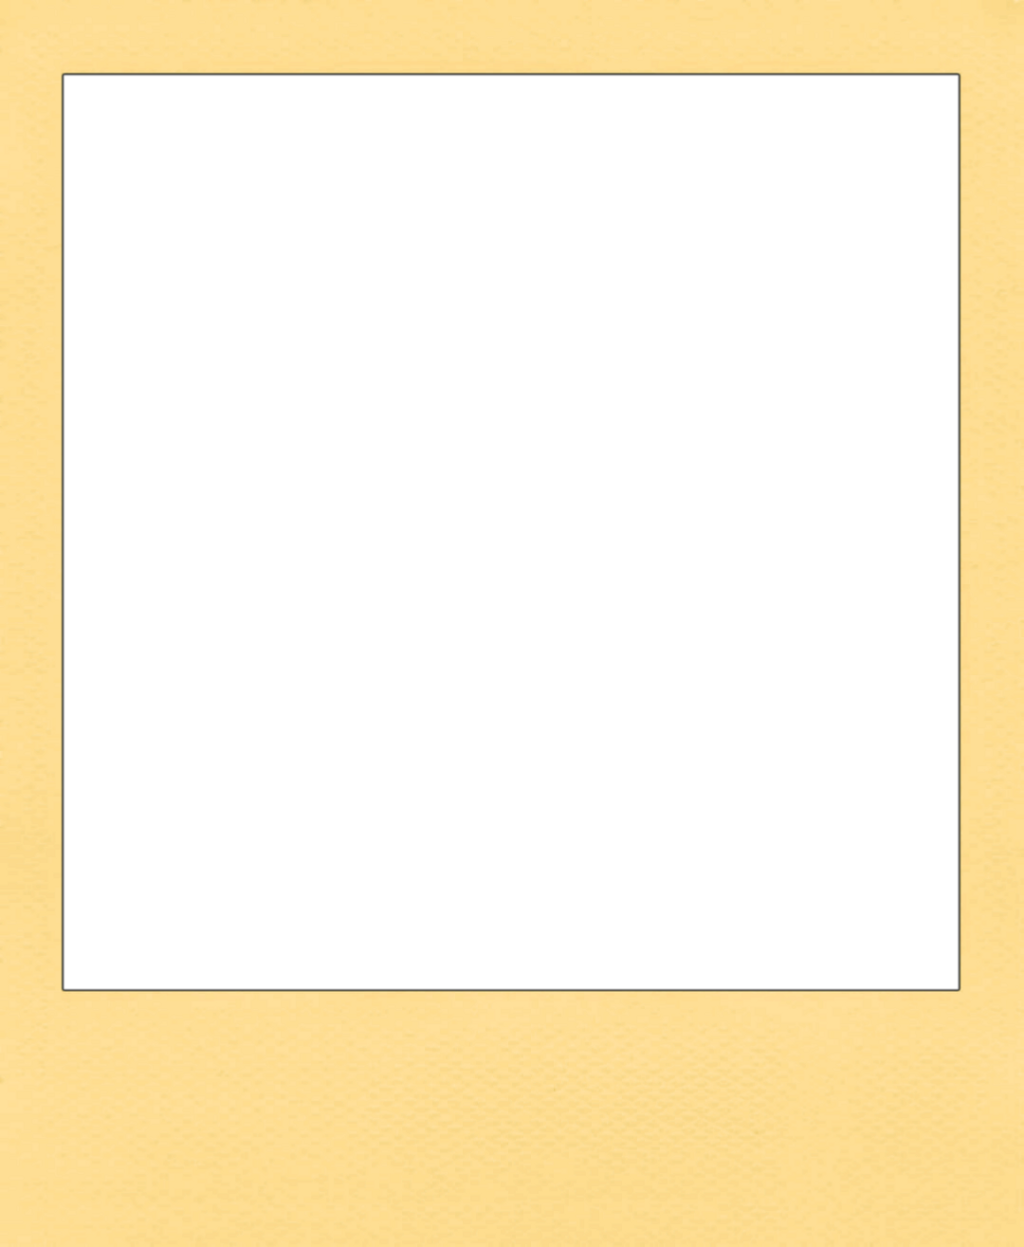 #freetoedit #polaroid #frame #vintage #retro #yellow